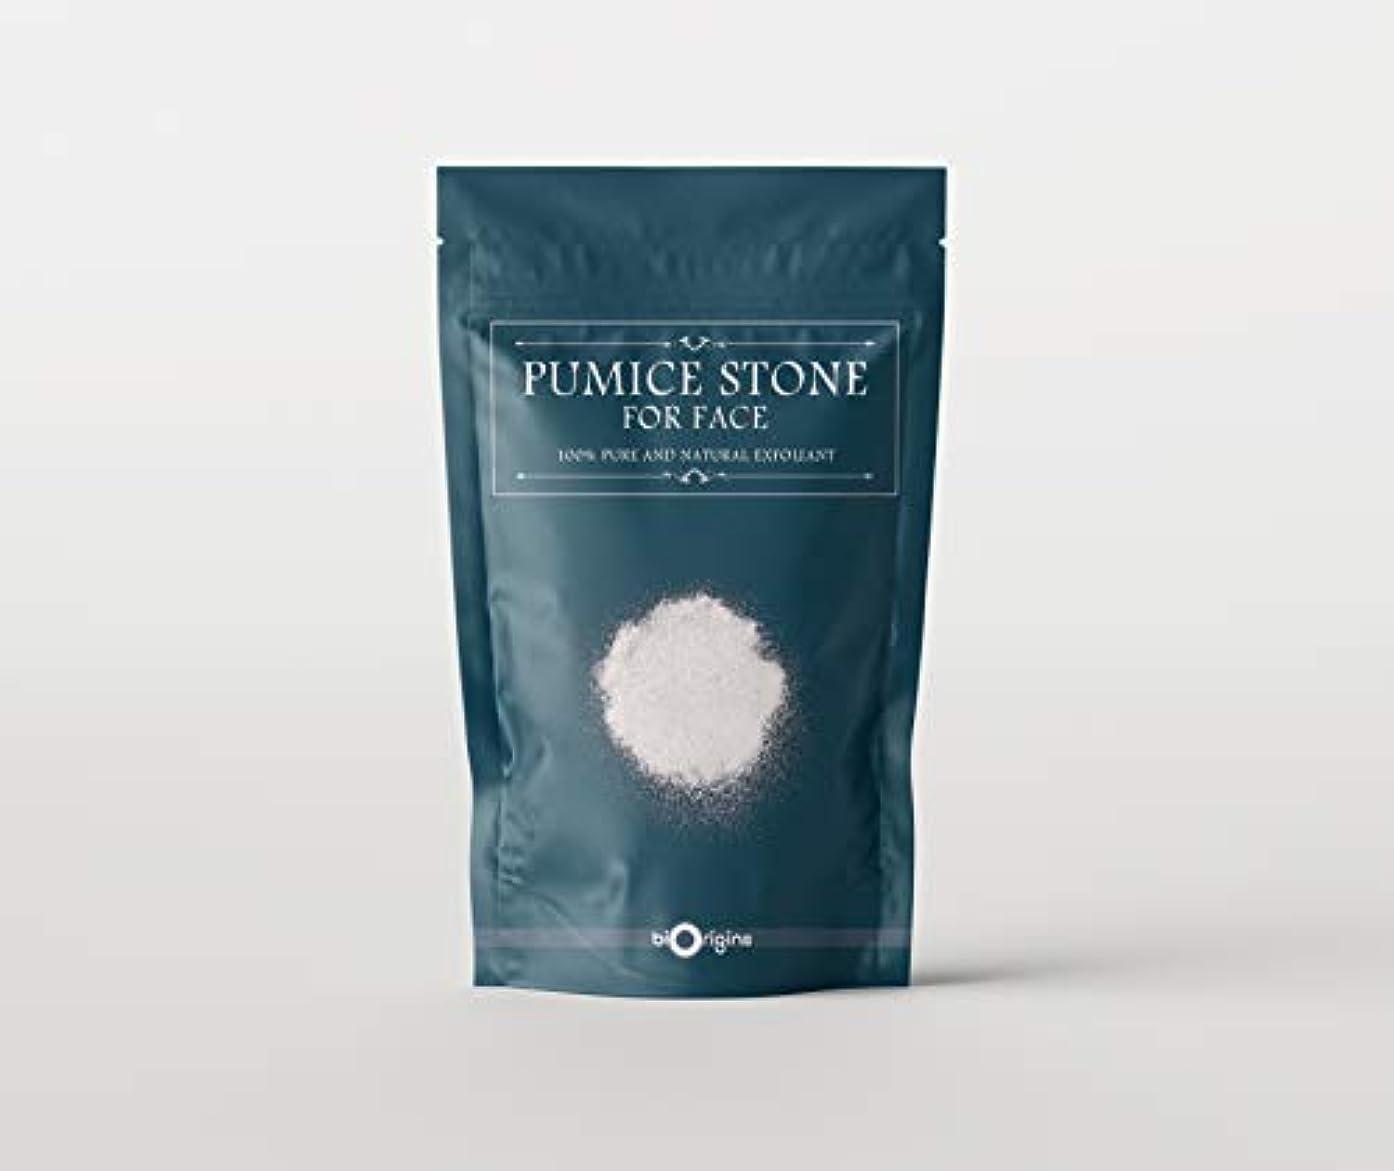 破裂ラリー危険なPumice Stone Superfine For Face Exfoliant 1Kg